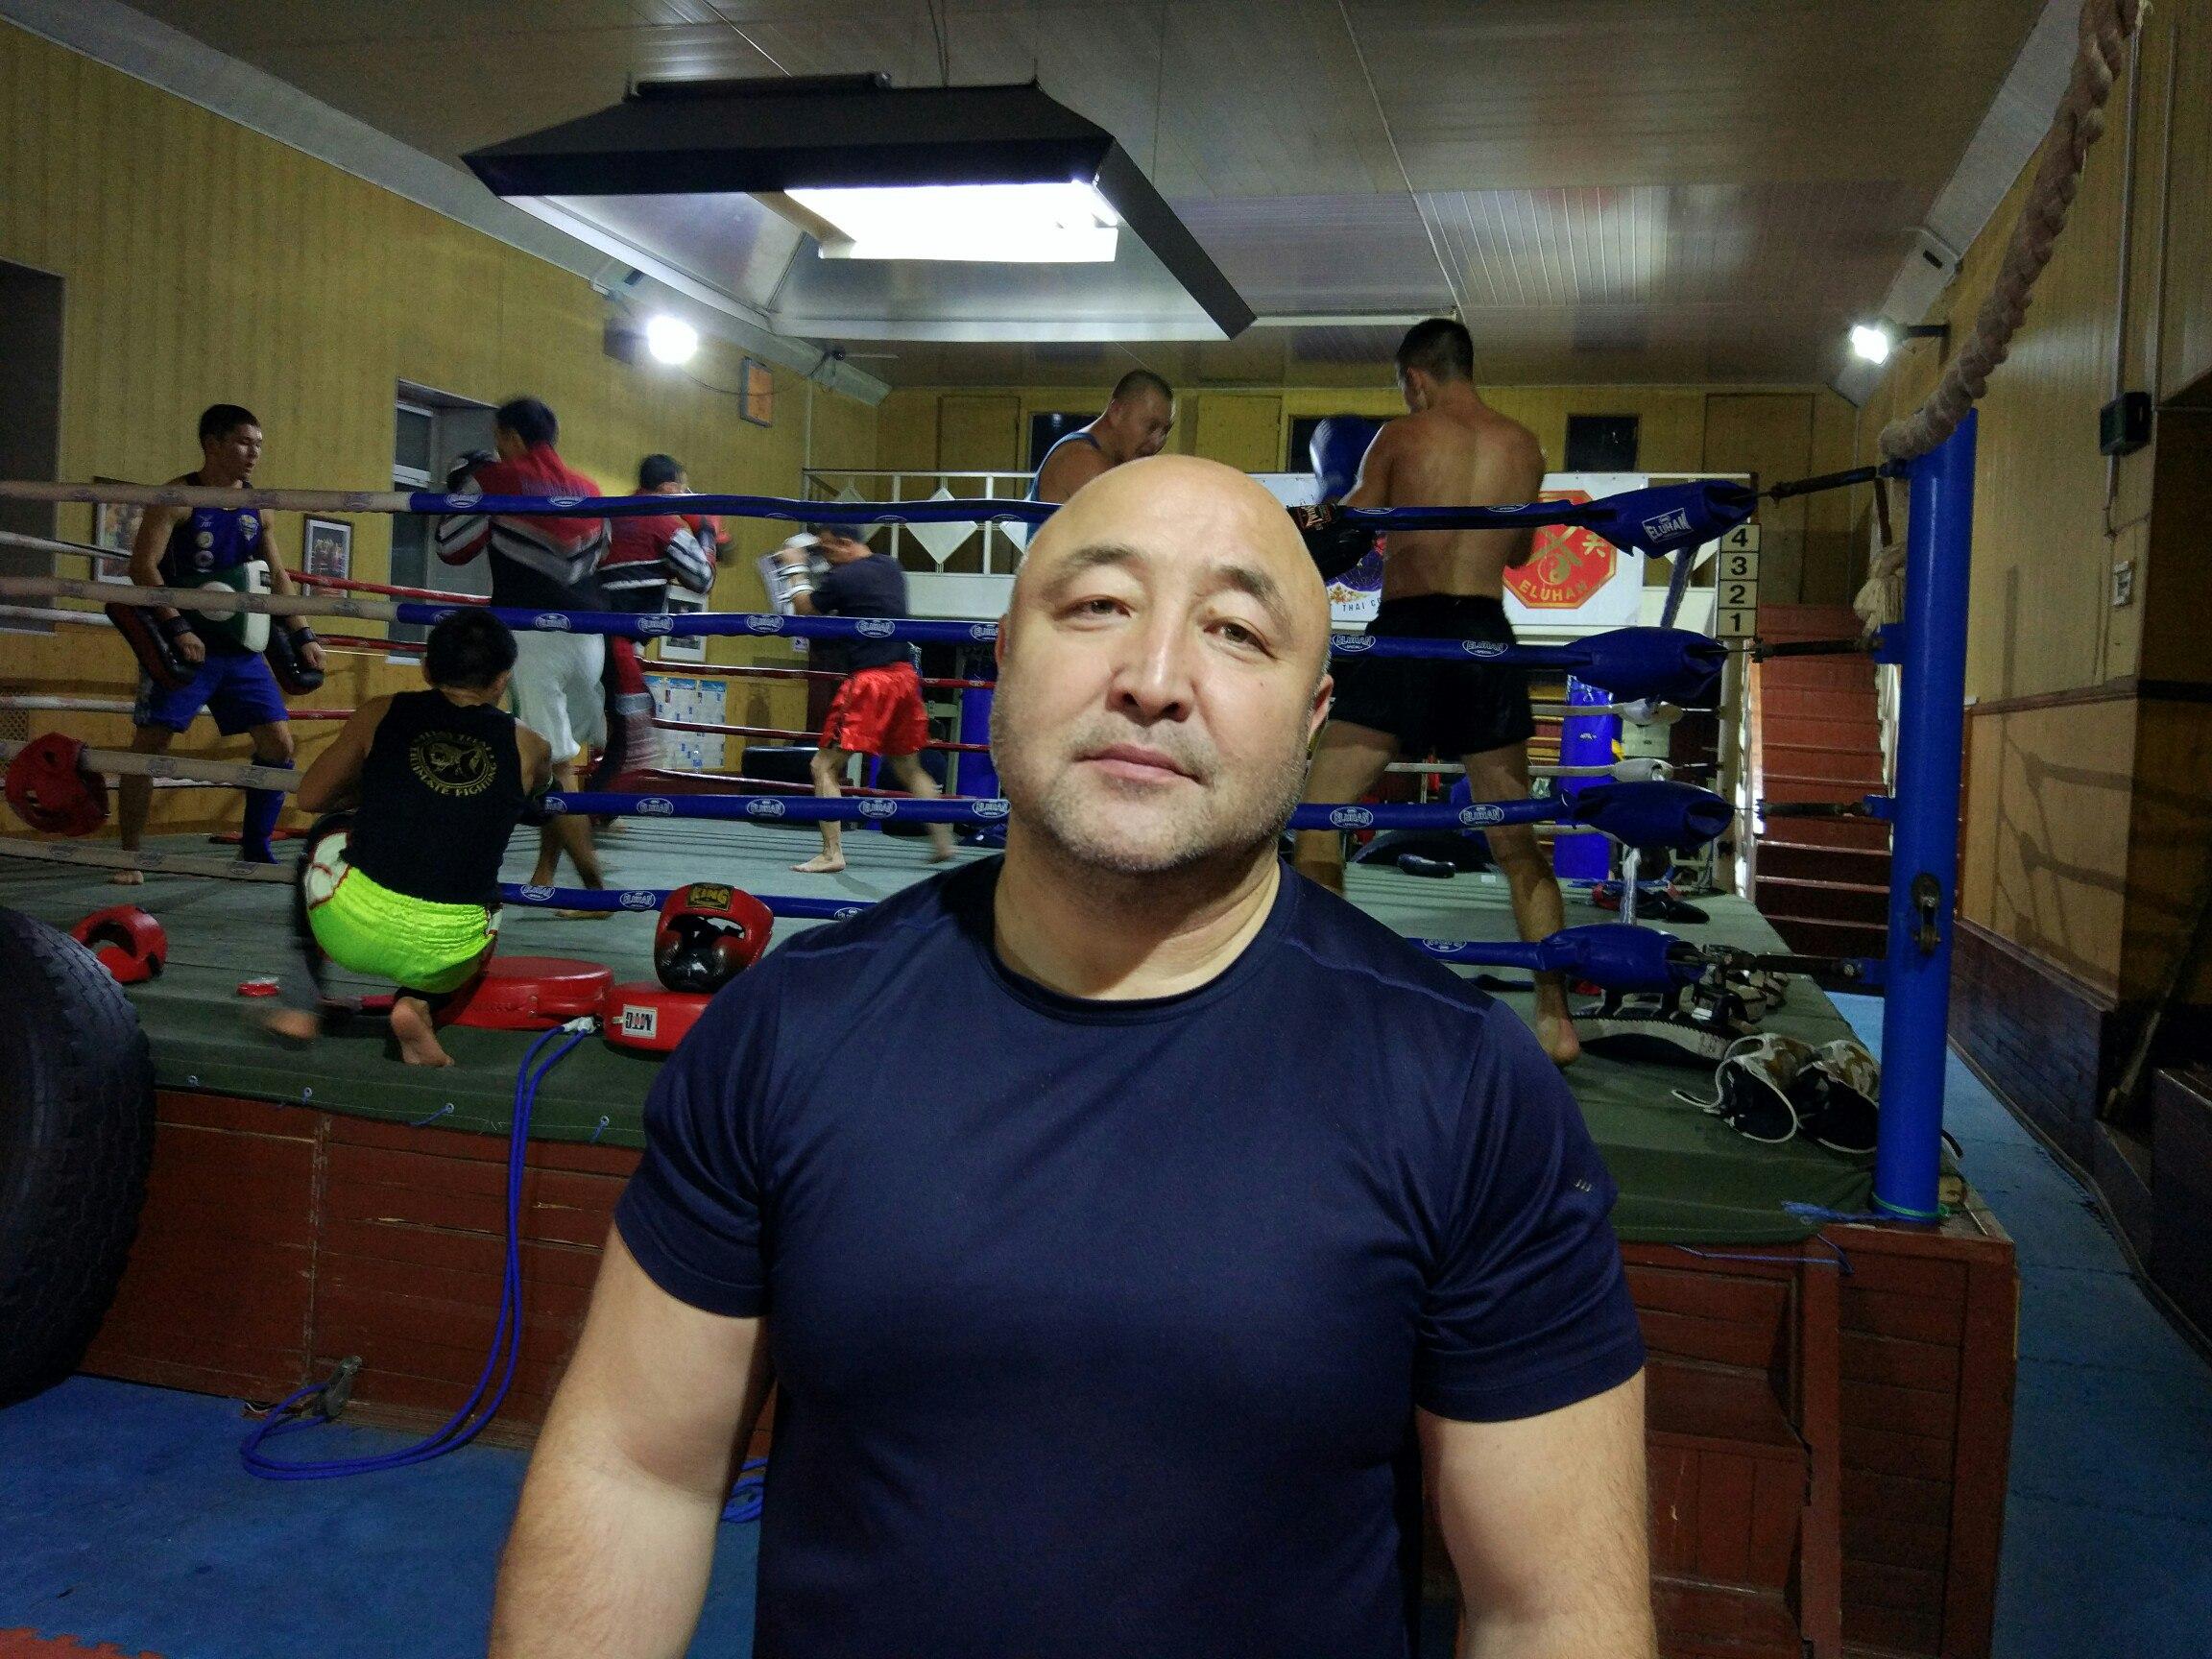 ВКазани стартовал Кубок мира потайскому боксу